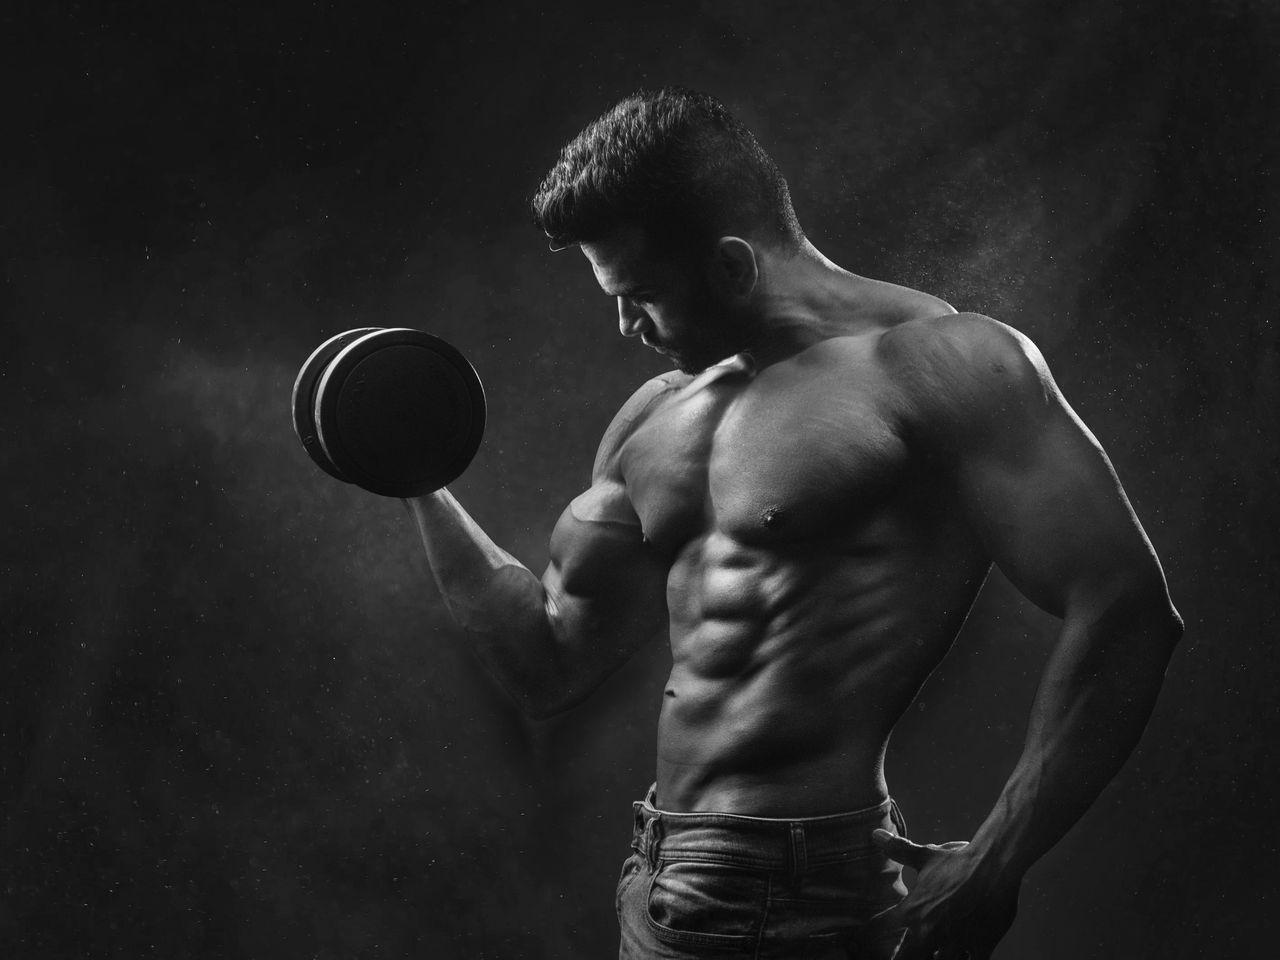 Estrogen Ballance in Men on TRT Where Should My Estradiol